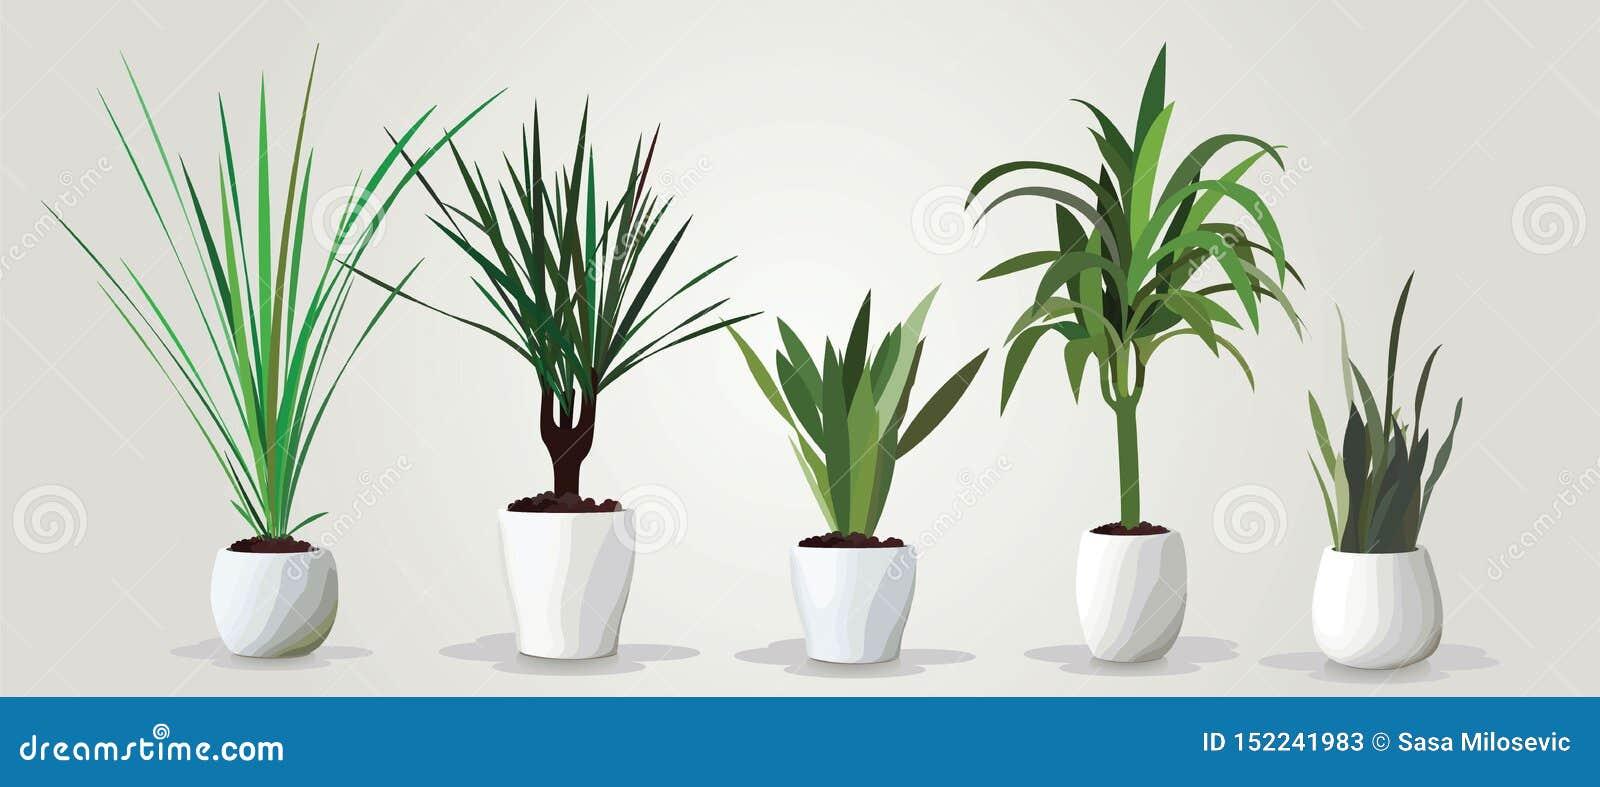 Insieme di vettore delle piante da appartamento verdi realistiche in vasi